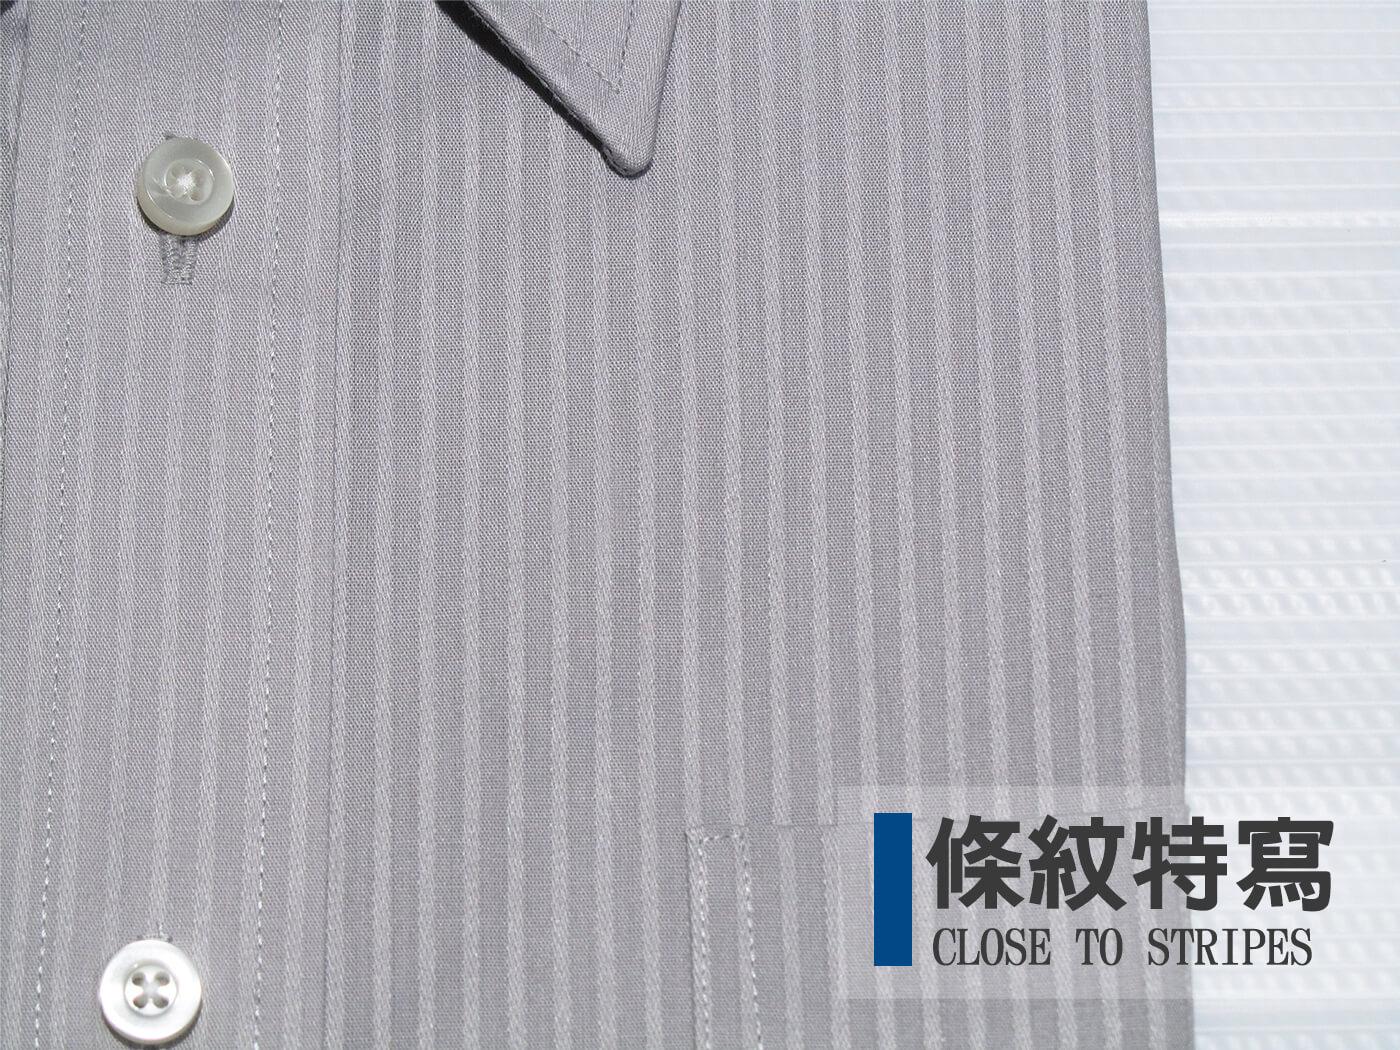 腰身剪裁正式襯衫 直條紋襯衫 舒適標準襯衫 面試襯衫 上班族襯衫 商務襯衫 長袖襯衫 不皺免燙襯衫 (322-3794)淺藍直條紋、(322-3795)淺灰直條紋 領圍:15~18英吋 [實體店面保障] sun-e322 9